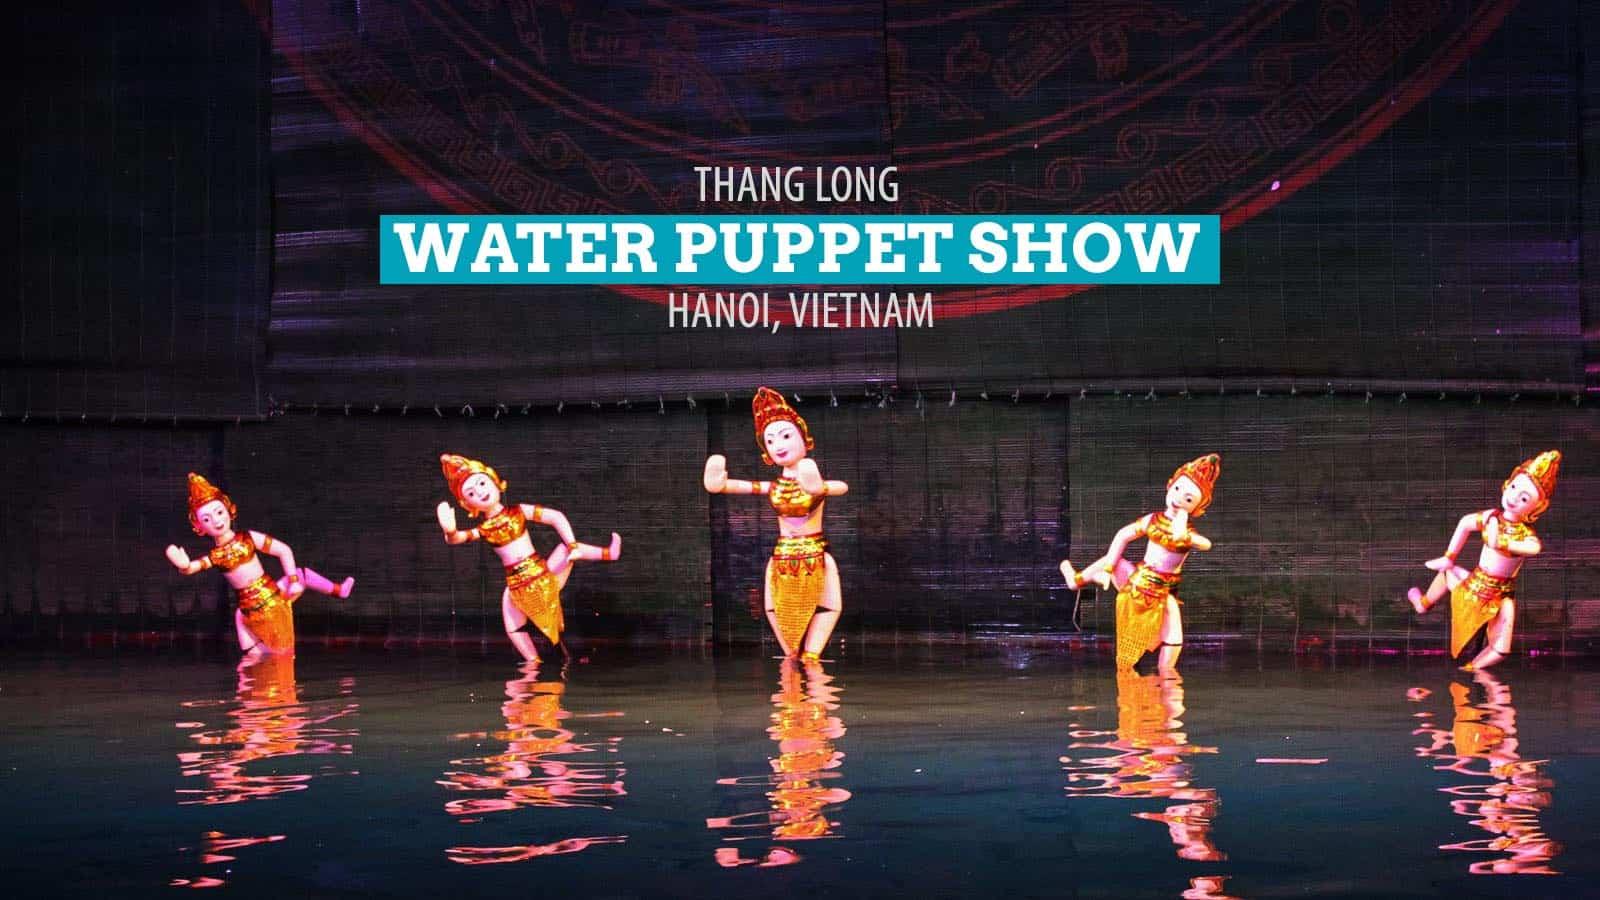 越南河内的唐龙水偶表演   穷游者的行程博客